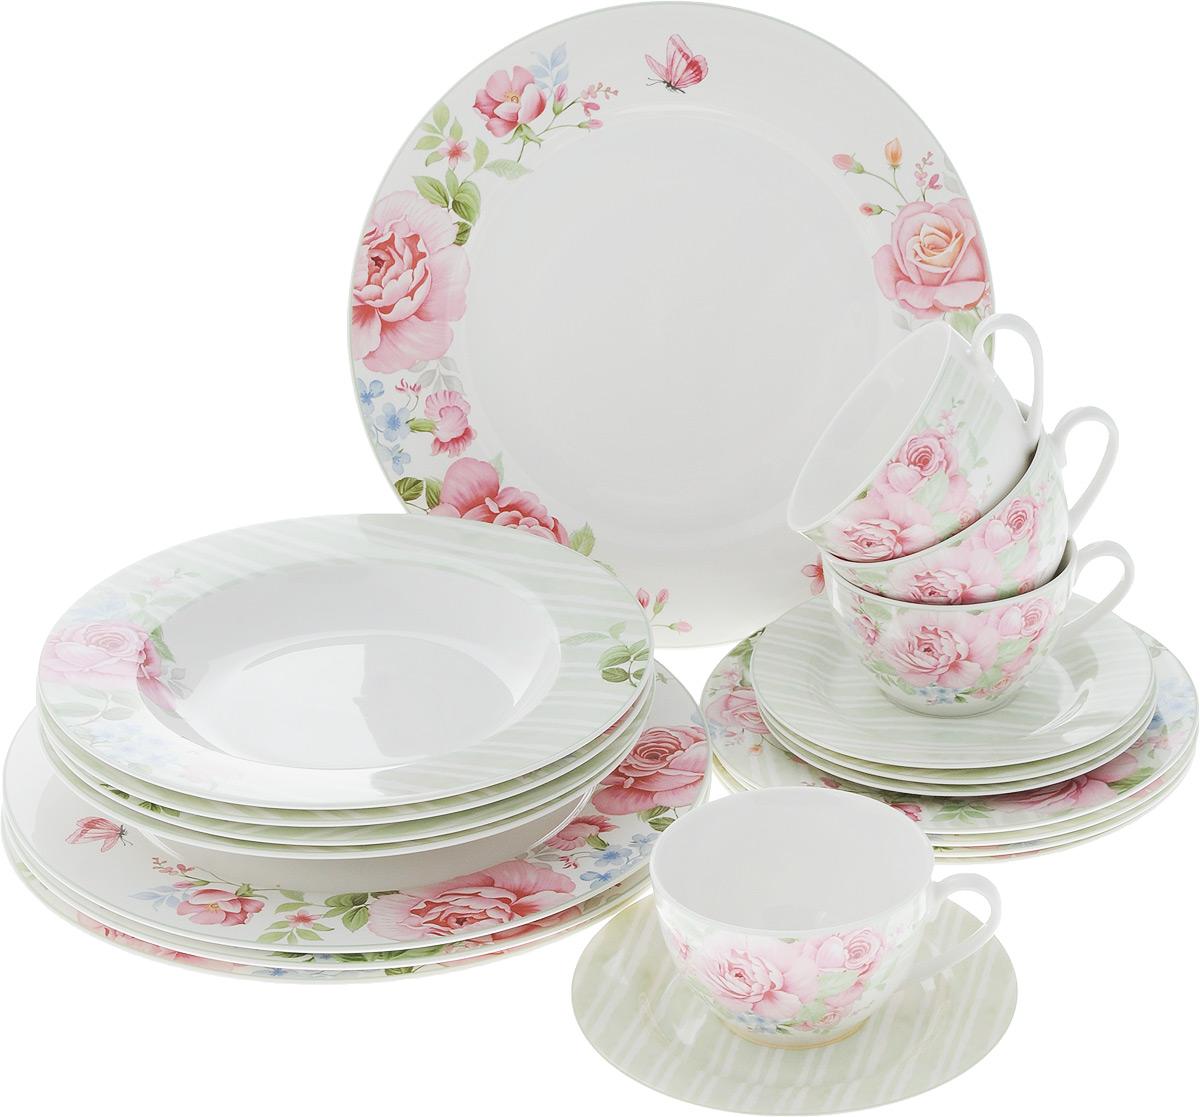 Набор столовой посуды Нежные цветы, 20 предметов. 16-089115510Набор столовой посуды Нежные цветы состоит из 4 обеденных тарелок, 4 суповых тарелок, 4 десертных тарелок, 4 блюдец и 4 чашек. Изделия выполнены из фарфора и дополнены изысканным цветочным рисунком. Посуда отличается прочностью, гигиеничностью и долгим сроком службы, она устойчива к появлению царапин. Такой набор прекрасно подойдет как для повседневного использования, так и для праздников или особенных случаев. Такой набор столовой посуды - это не только яркий и полезный подарок для родных и близких, а также великолепное дизайнерское решение для вашей кухни или столовой. Можно использовать в микроволновой печи и мыть в посудомоечной машине. Диаметр суповой тарелки: 23 см. Высота суповой тарелки: 3 см.Диаметр обеденной тарелки: 27 см. Диаметр десертной тарелки: 19 см. Диаметр блюдца: 15,5 см. Объем чашки: 250 мл.Диаметр чашки (по верхнему краю): 9,5 см.Высота чашки: 6 см.